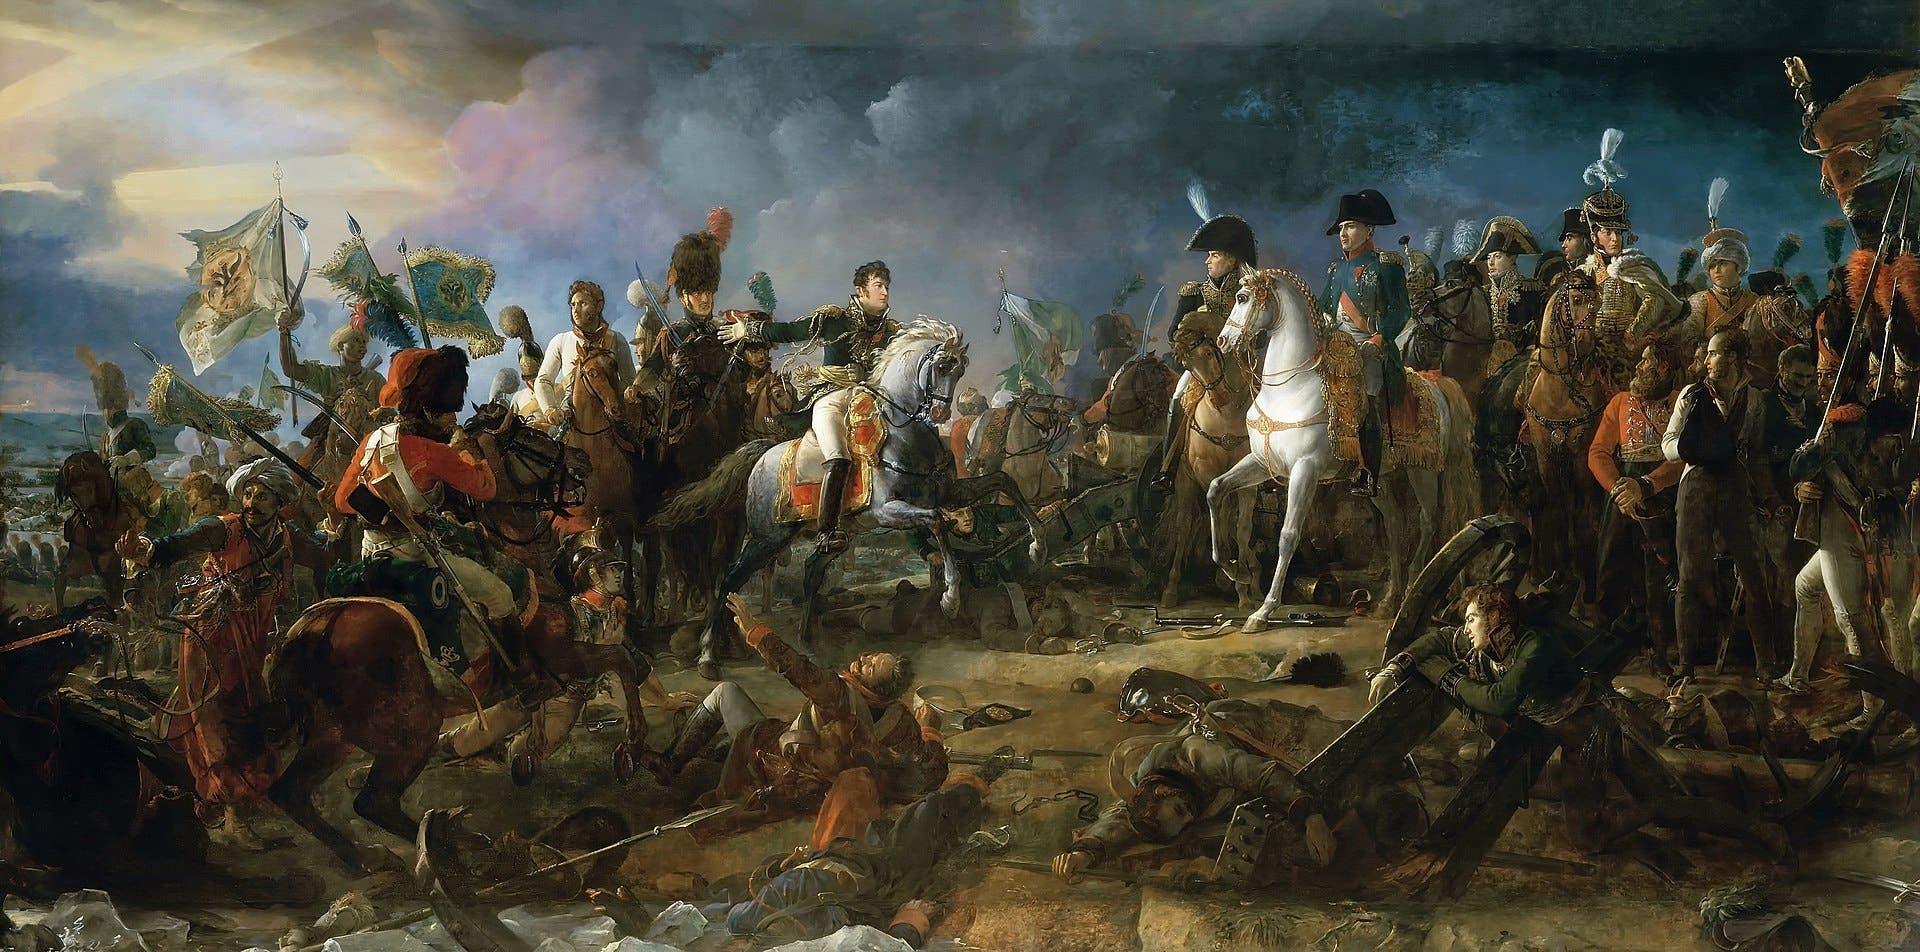 لوحة تجسد معركة أوسترليتز